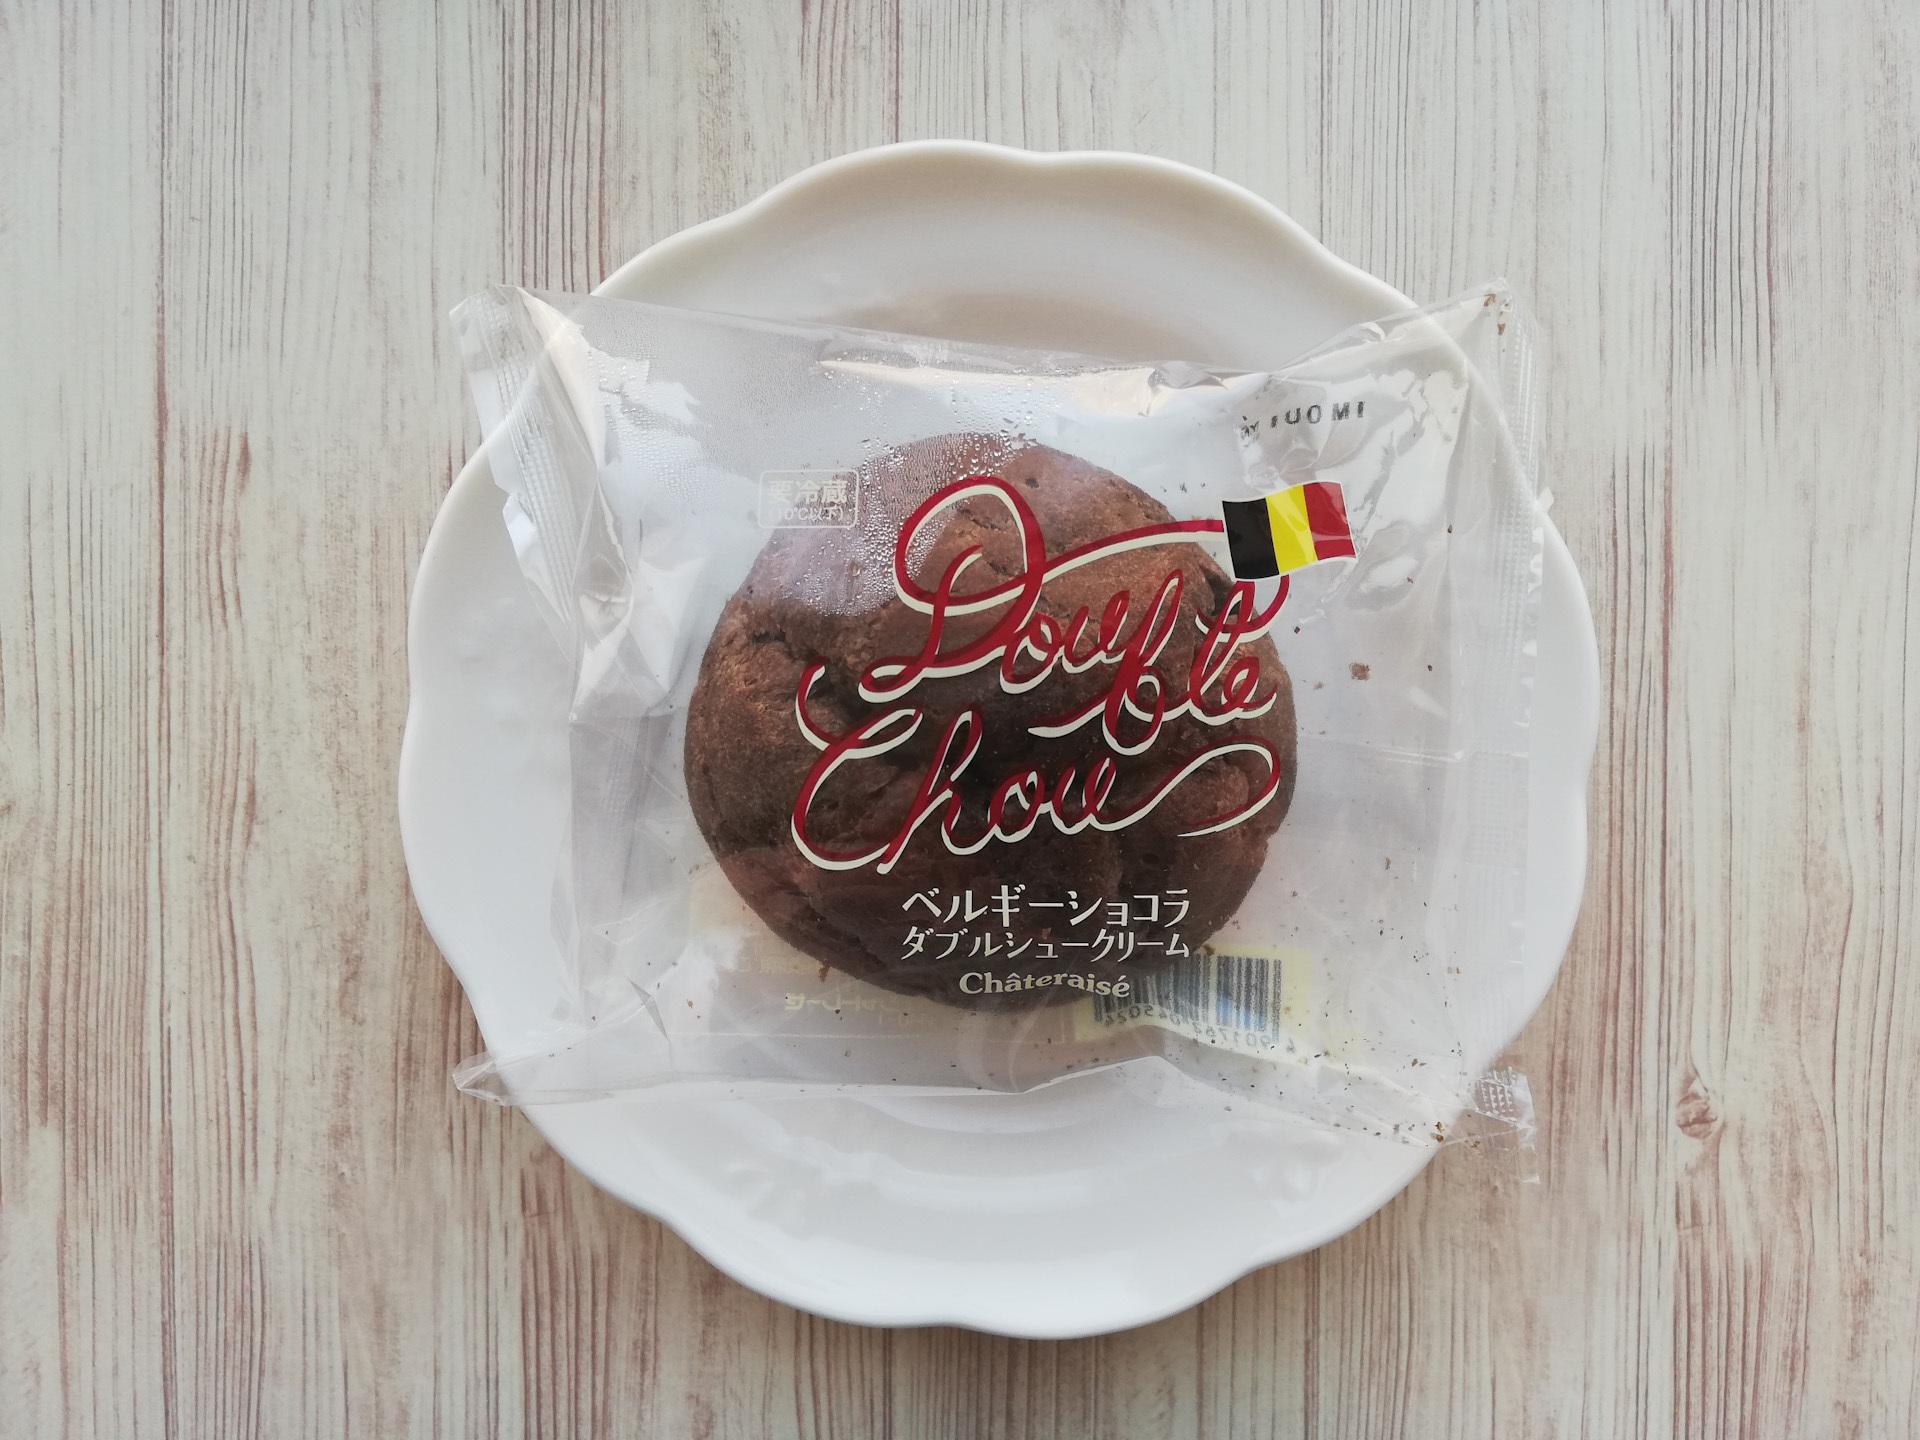 シャトレーゼ「ベルギーショコラダブルシュークリーム」